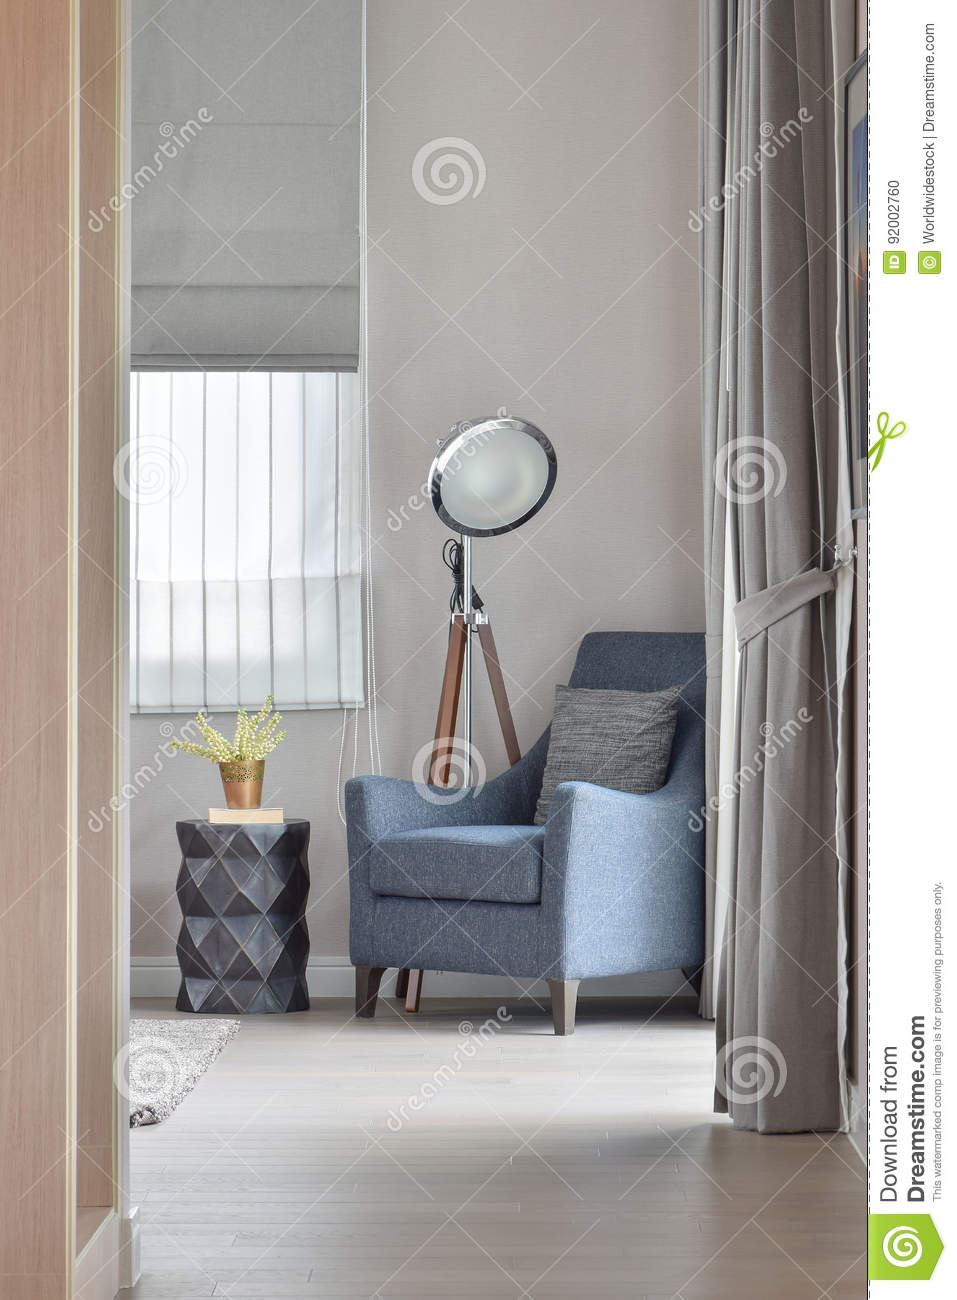 Full Size of Wohnzimmer Lampe Stehend Holz Led Ikea Klein Tiefer Blauer Lehnsessel Mit Stilvoller In Bad Lampen Schlafzimmer Landhausstil Vorhänge Stehlampen Gardine Board Wohnzimmer Wohnzimmer Lampe Stehend